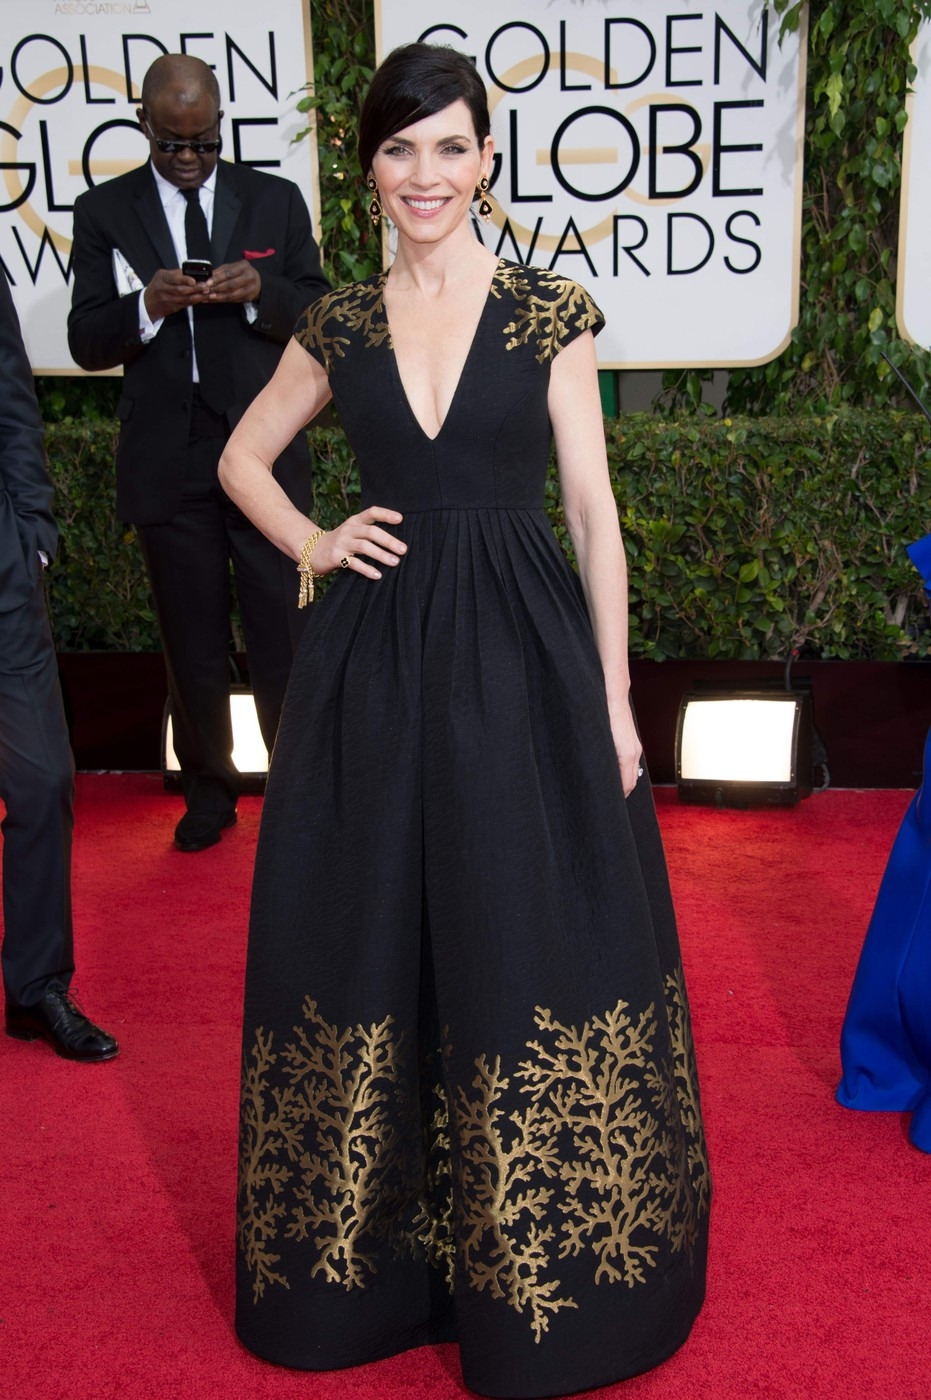 Julianna Margulies/Golden Globe díjátadó